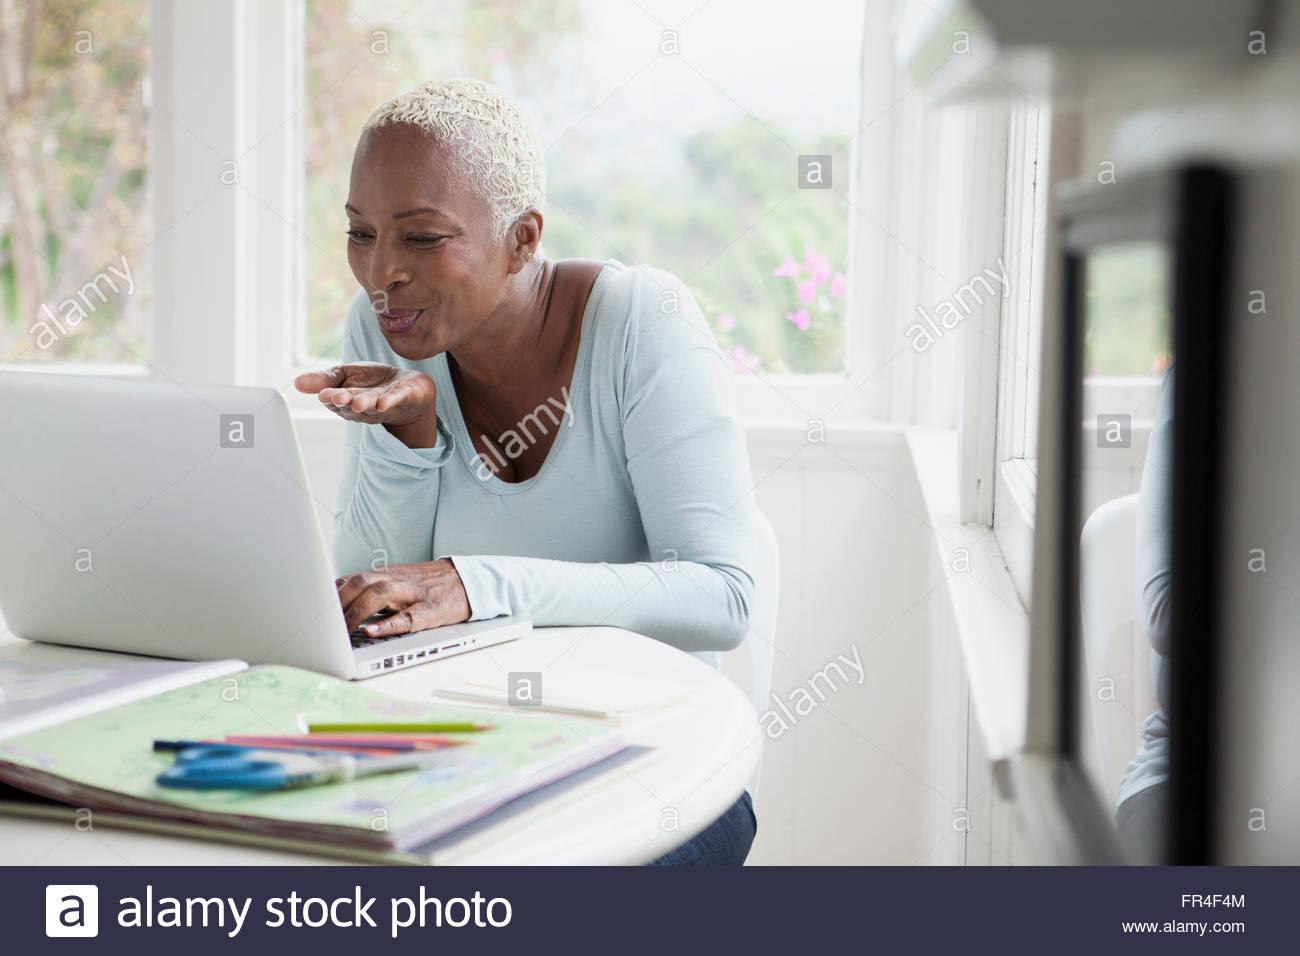 Mujer de mediana edad mandando besos durante el chat en línea Imagen De Stock